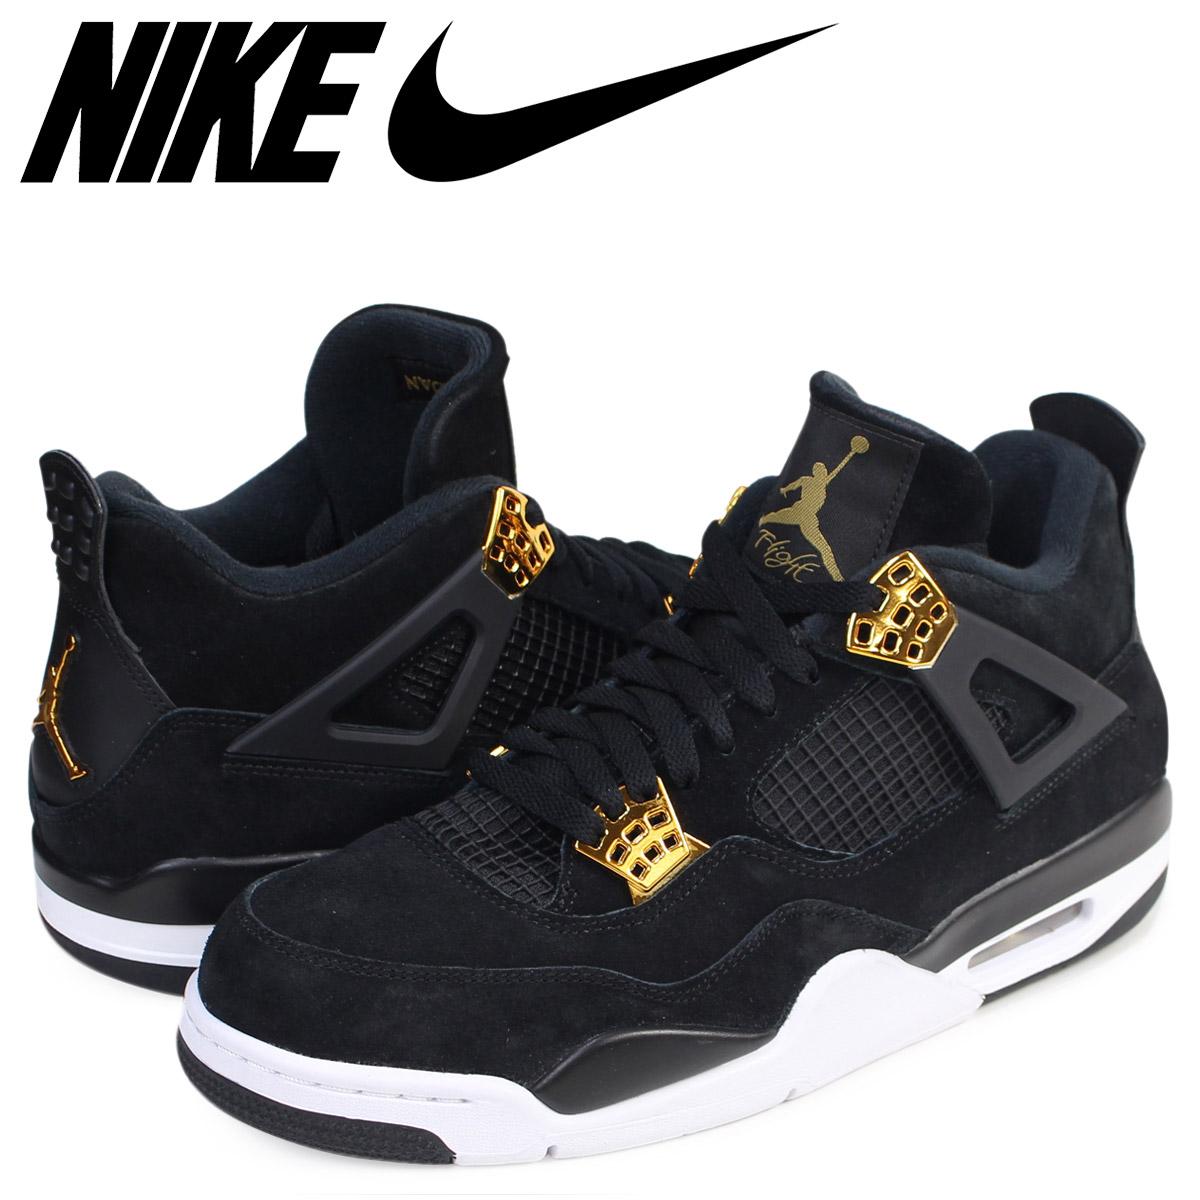 5b9e09f7d Nike NIKE Air Jordan 4 nostalgic sneakers AIR JORDAN 4 RETRO ROYALTY 308